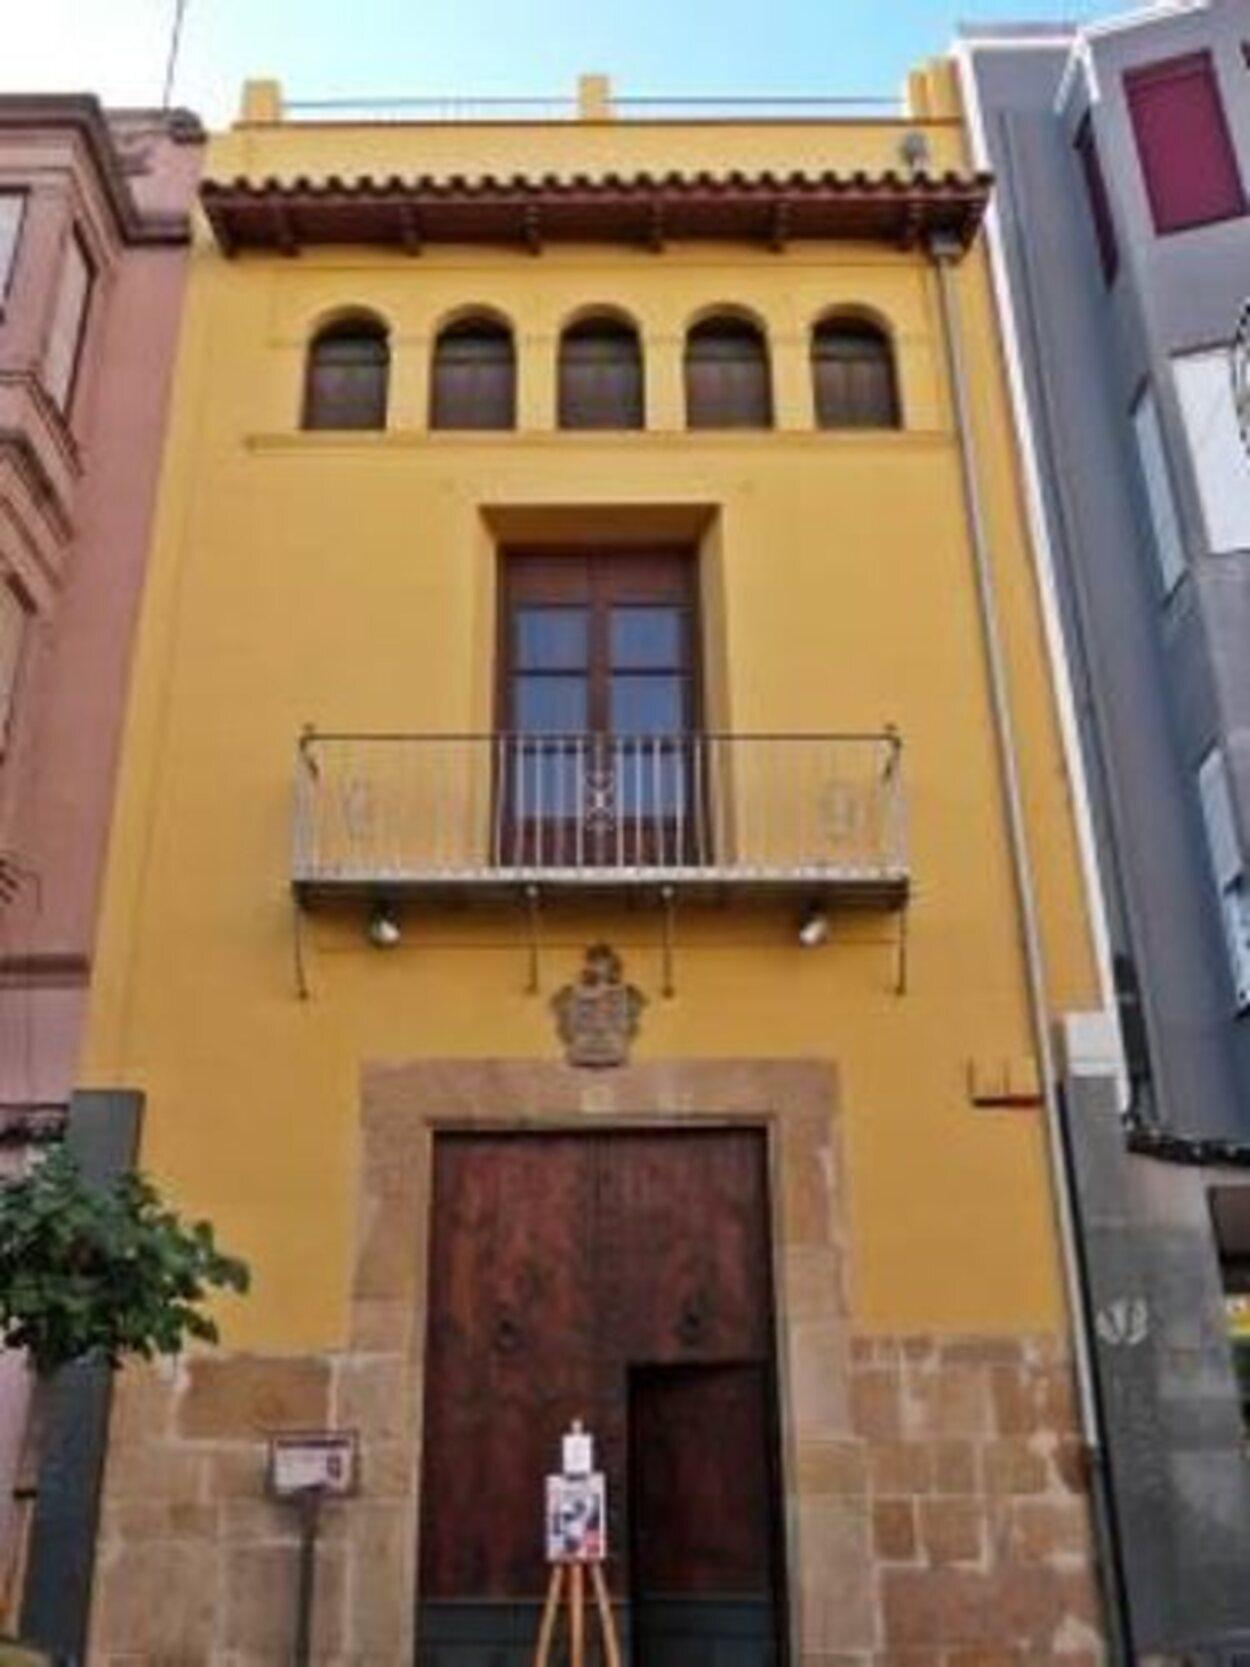 La Casa Membrillera hoy en día cumple la función de museo   Foto: Turismo de Vinaroz